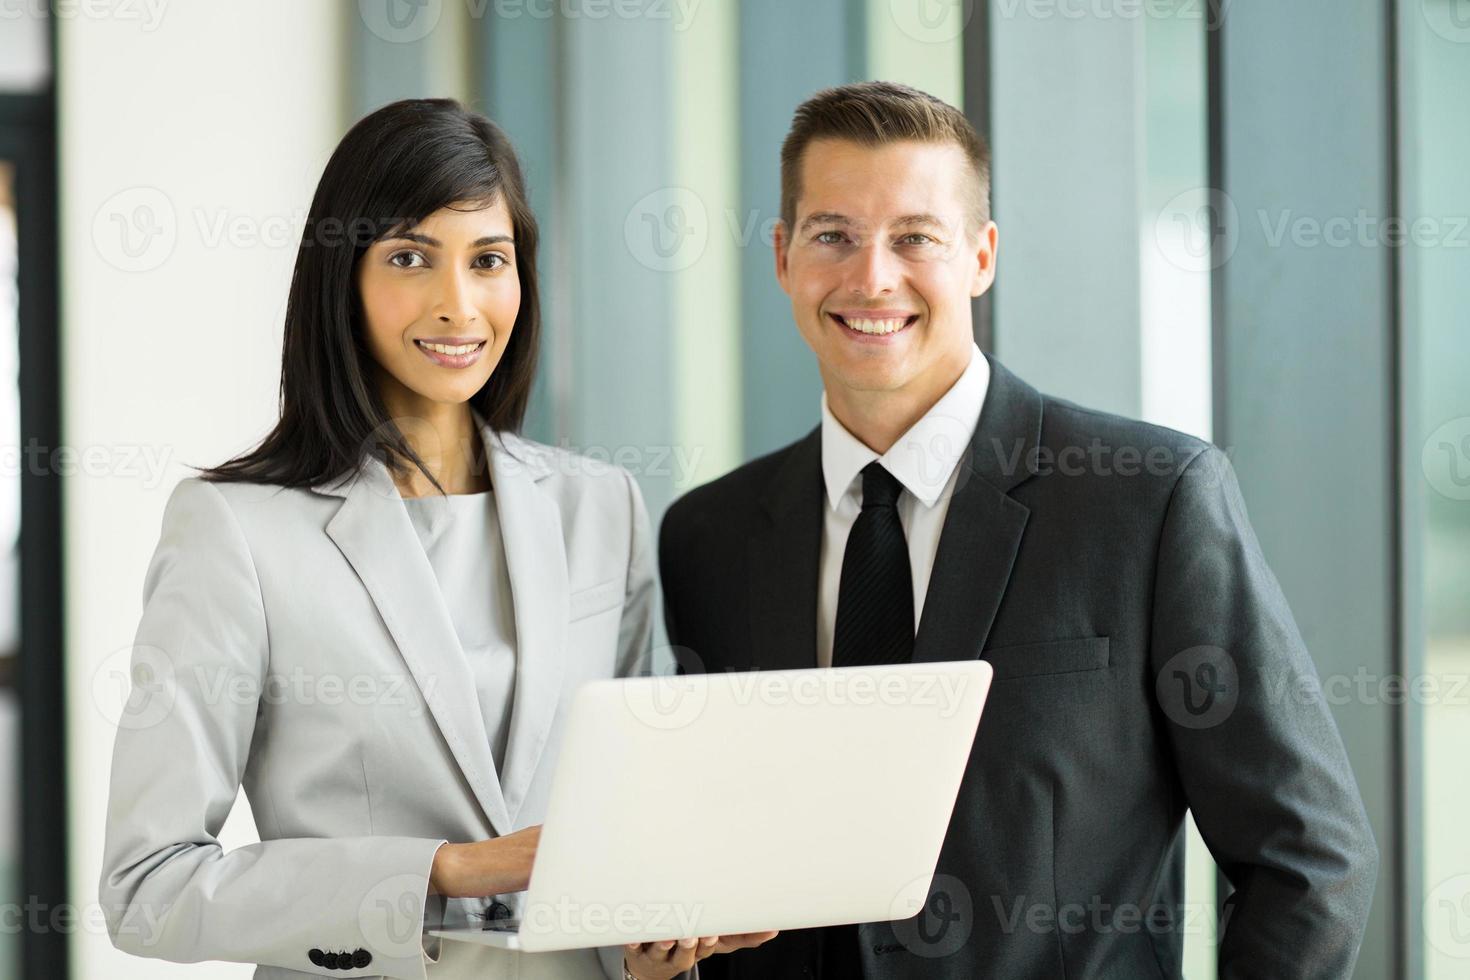 giovane dirigente in carica foto